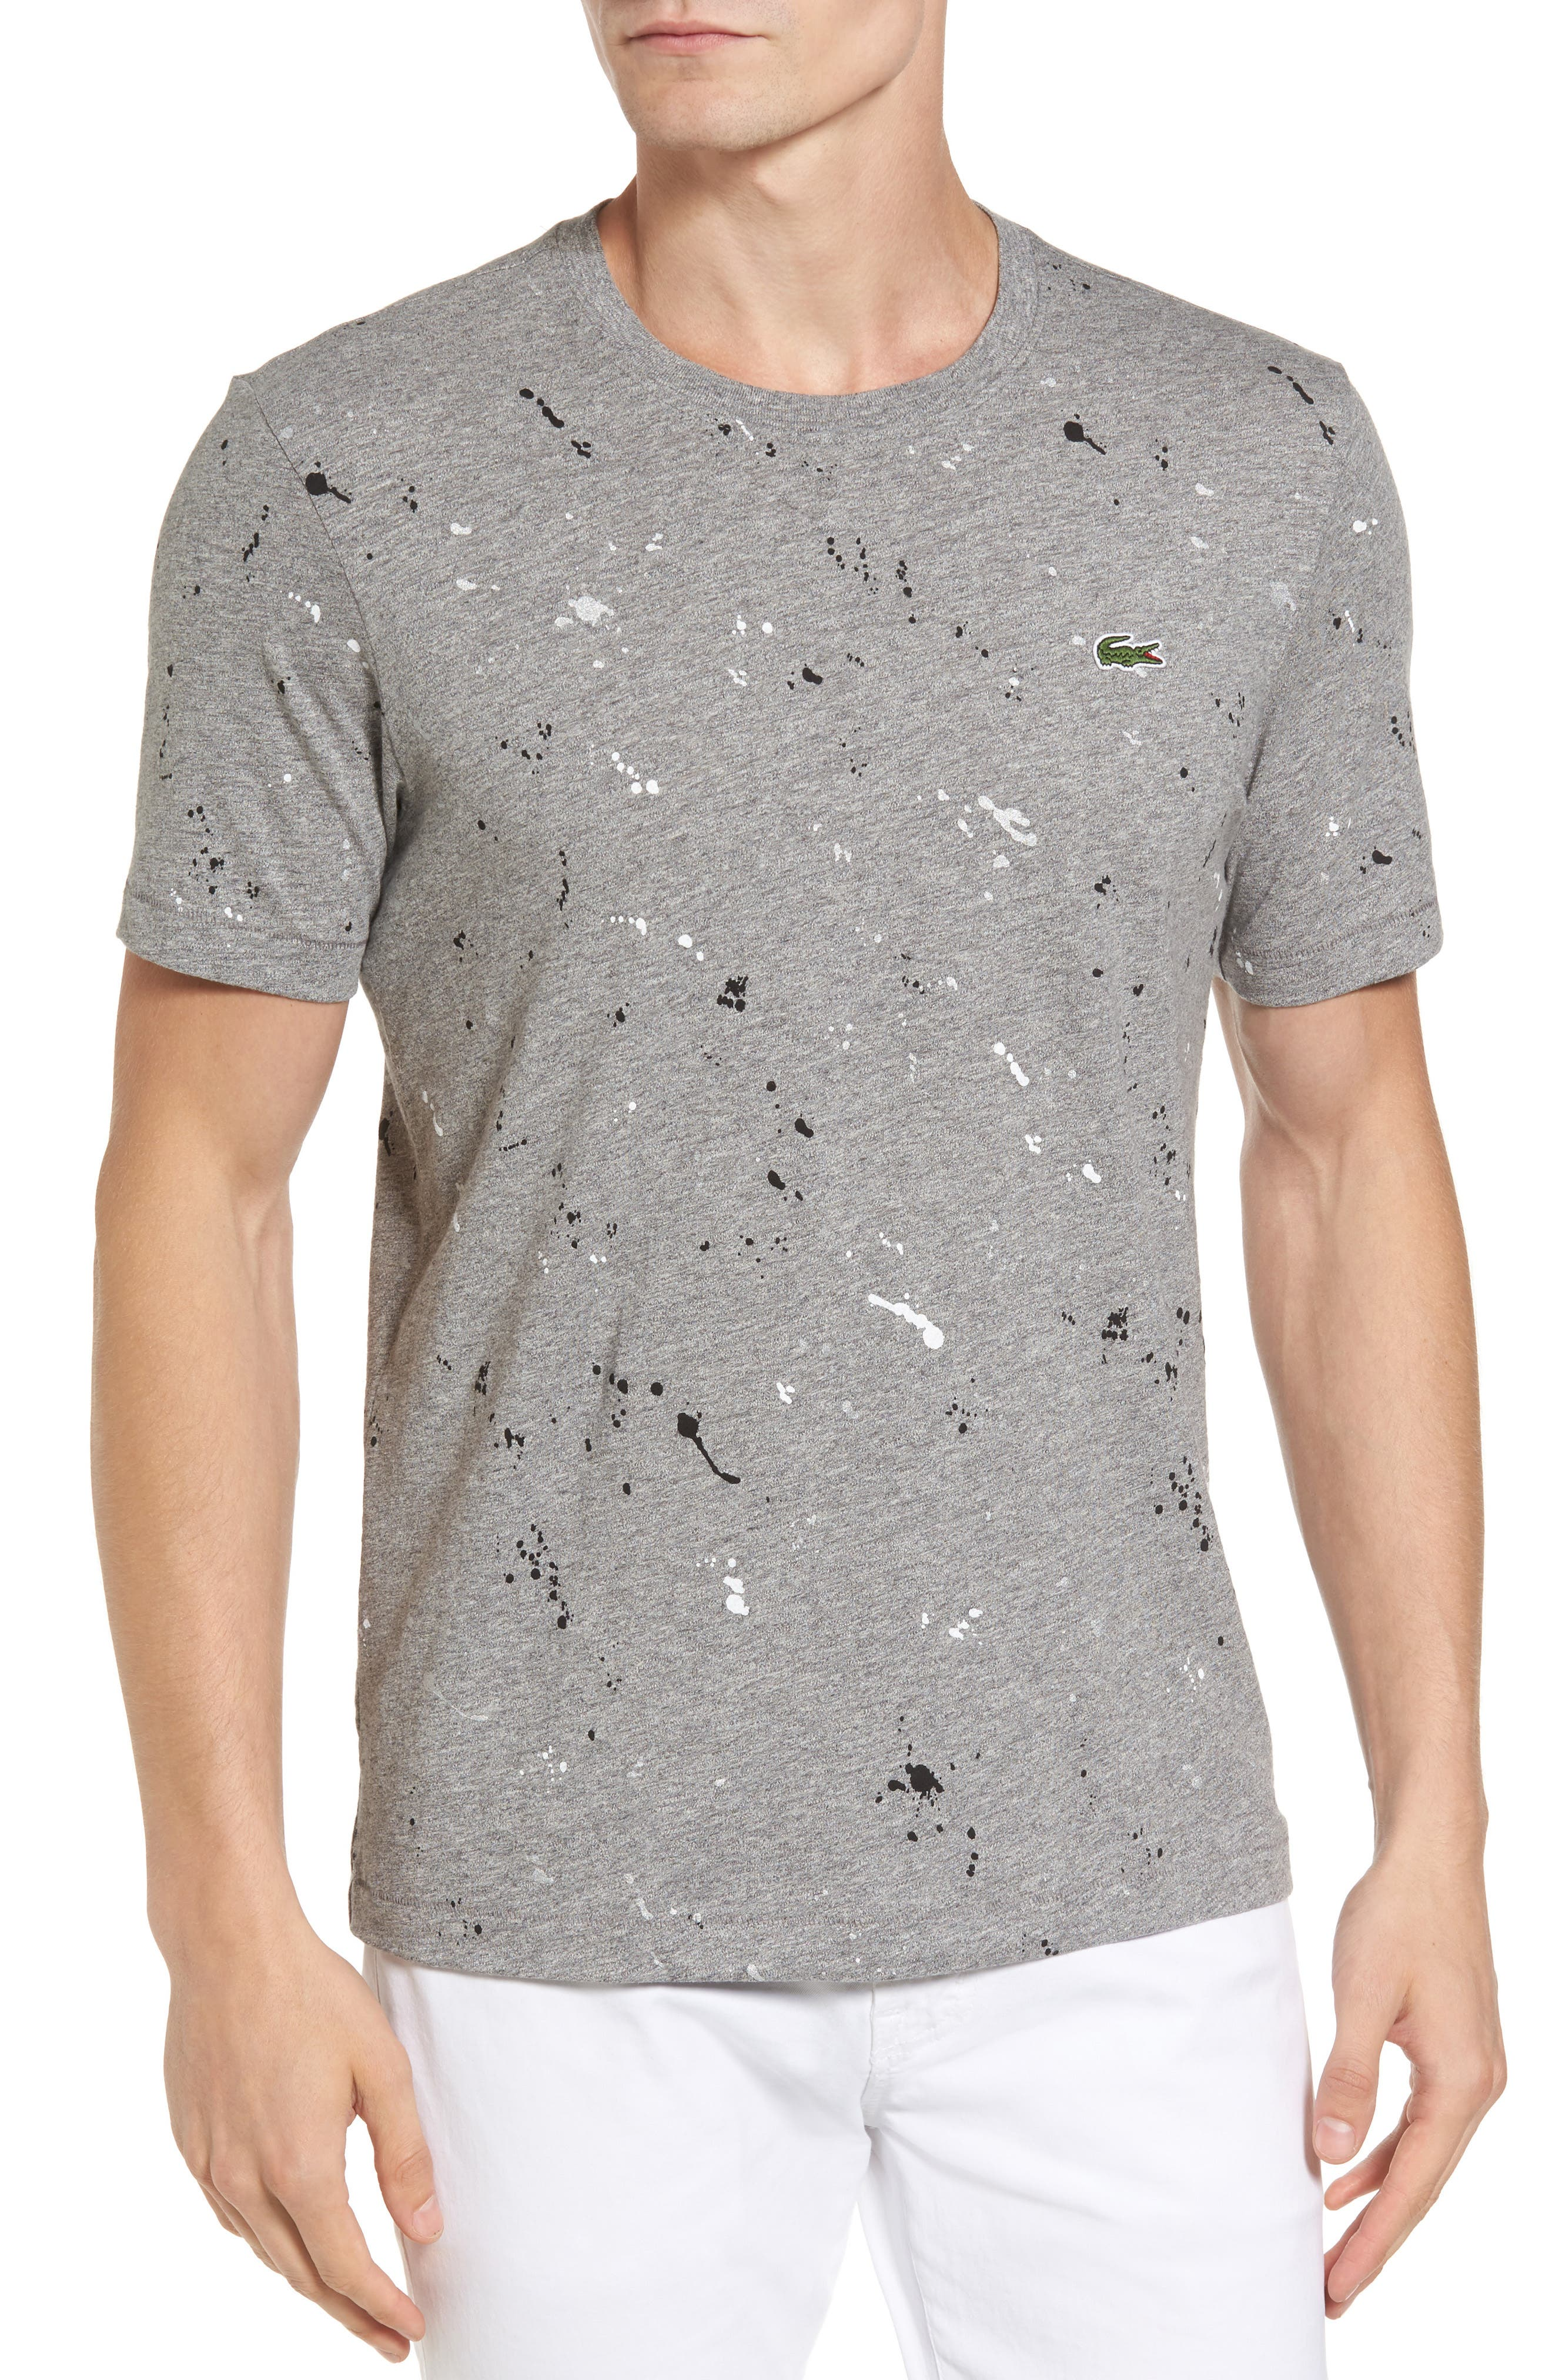 L!VE Splatter Print Graphic T-Shirt,                         Main,                         color, Sru Palladium Mouline/ Multico